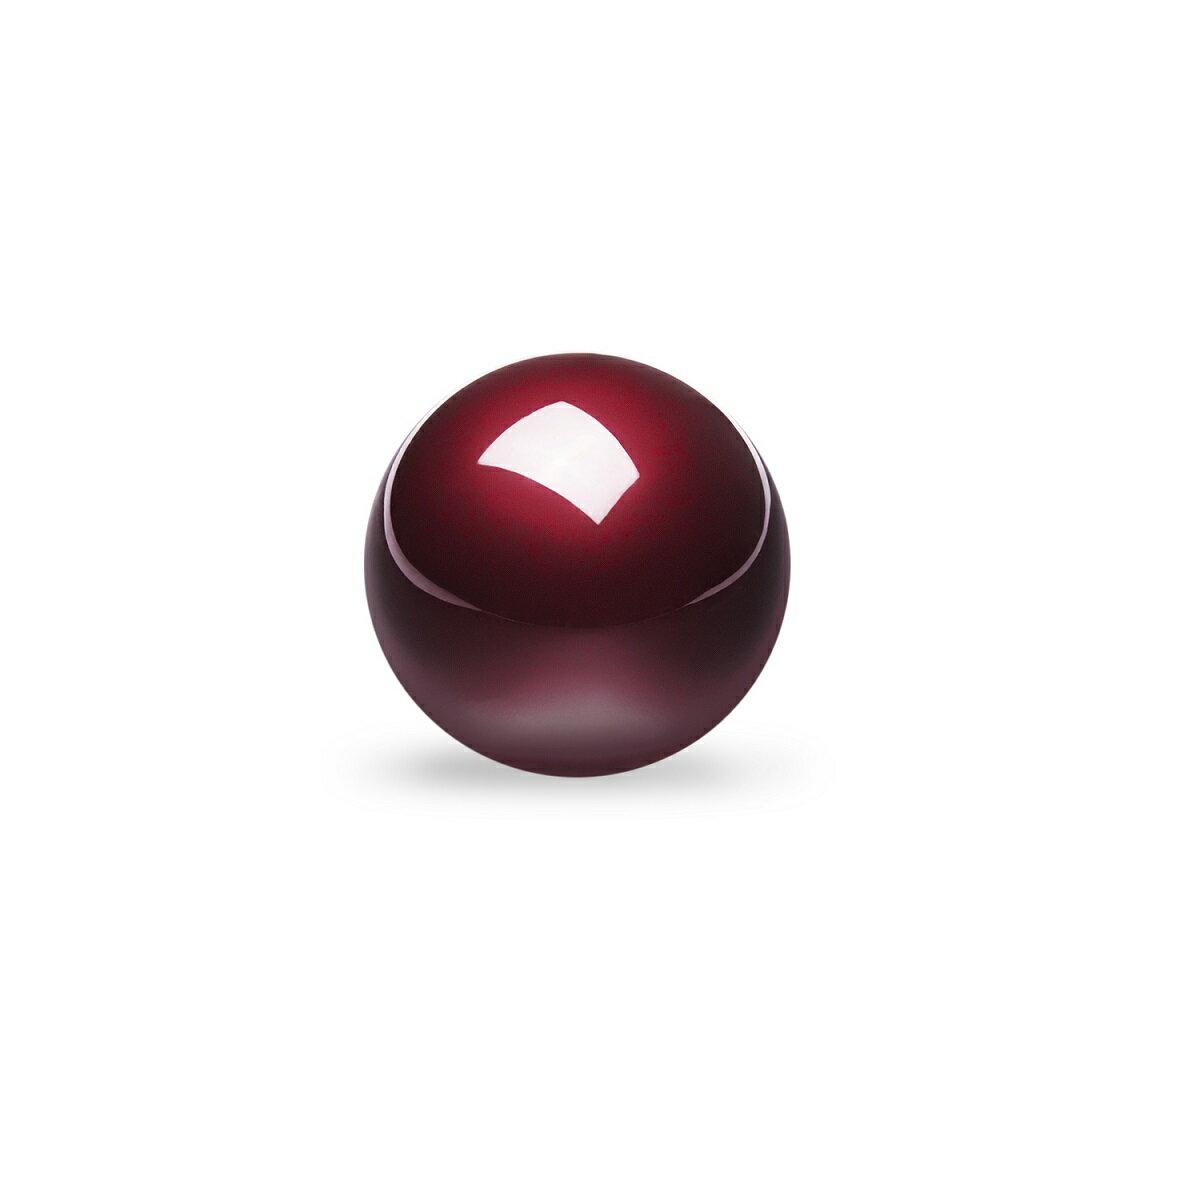 5020_18010 ぺリックス PERIPRO-303GR 34mm トラックボール 光沢仕上げ 艶出し加工 グロス・レッド スピード型 M570トラックボールと互換性有り【正規保証品】Perixx